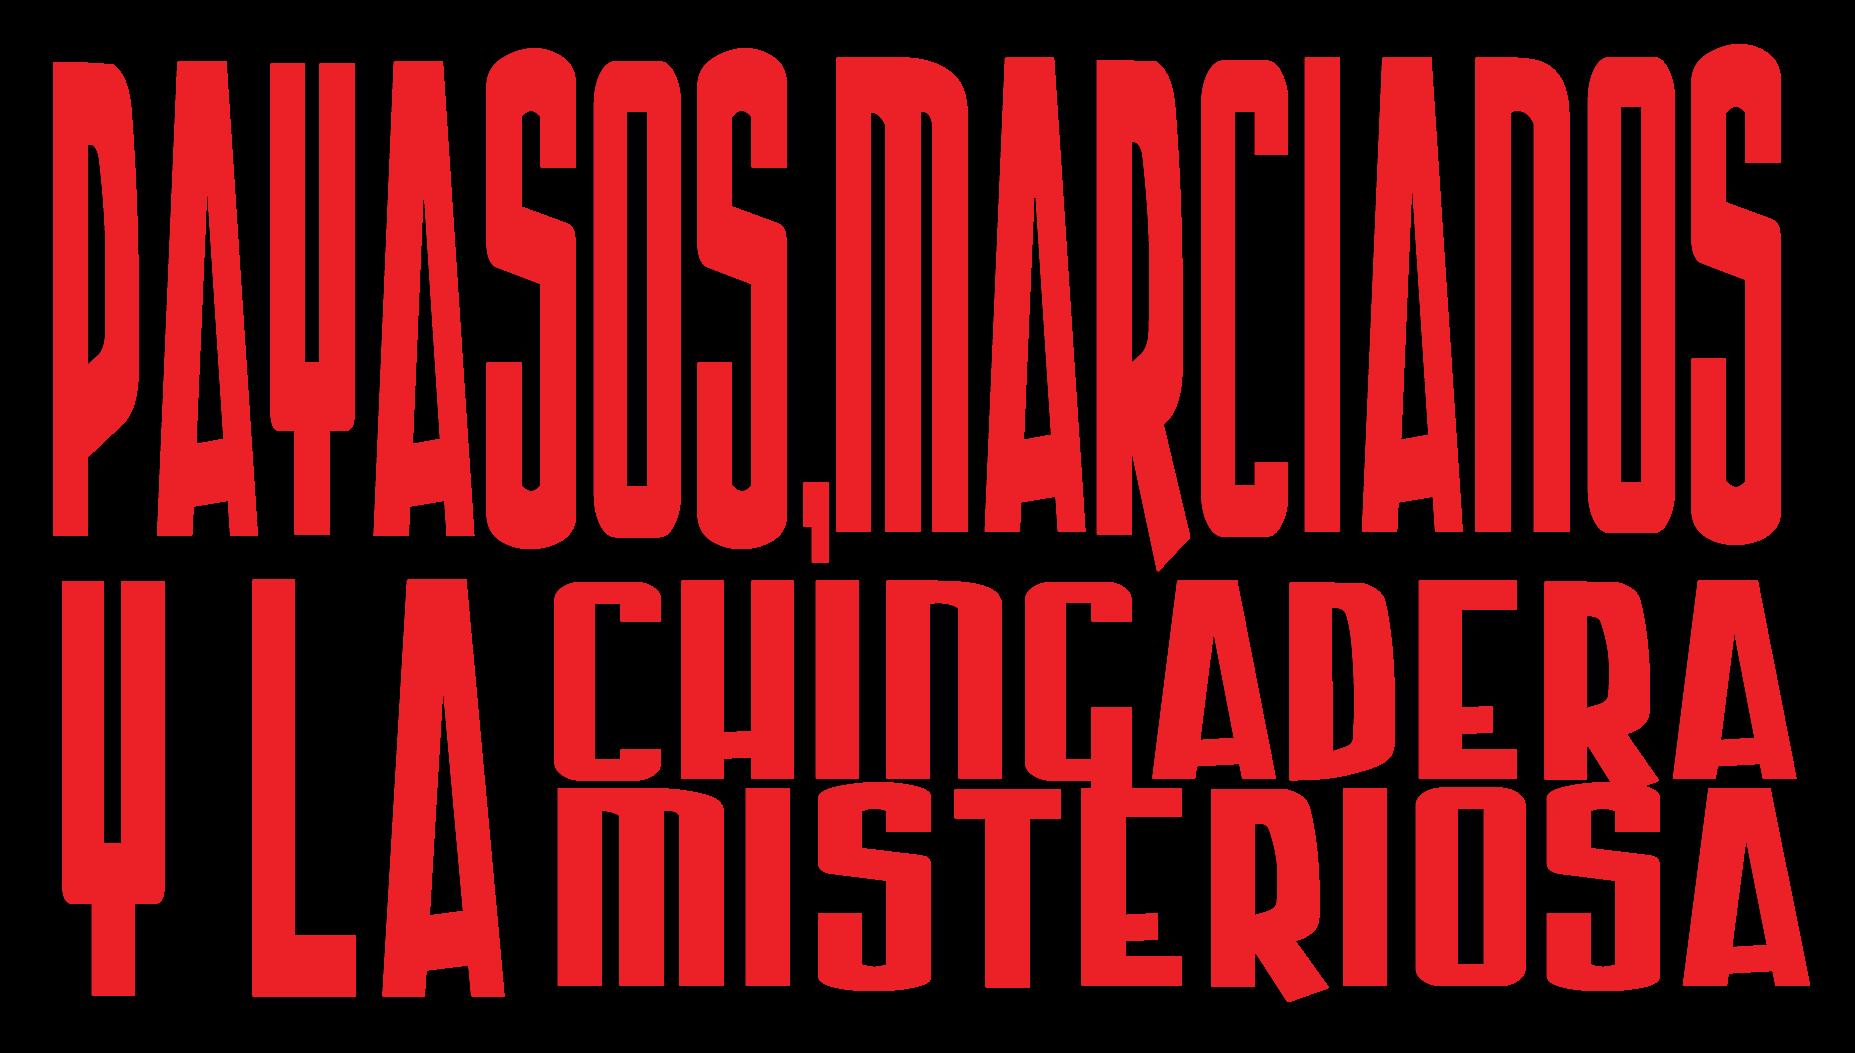 Payasos, Marcianos y la Chingadera Misteriosa